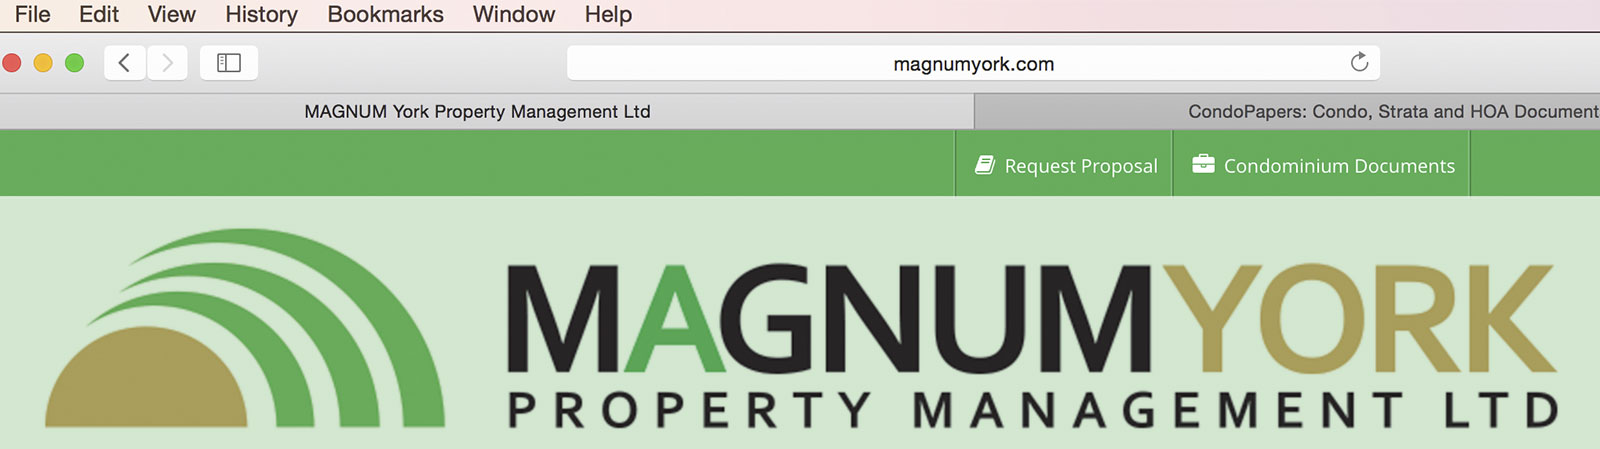 Condo Docs Documents web portal magnum papers download board